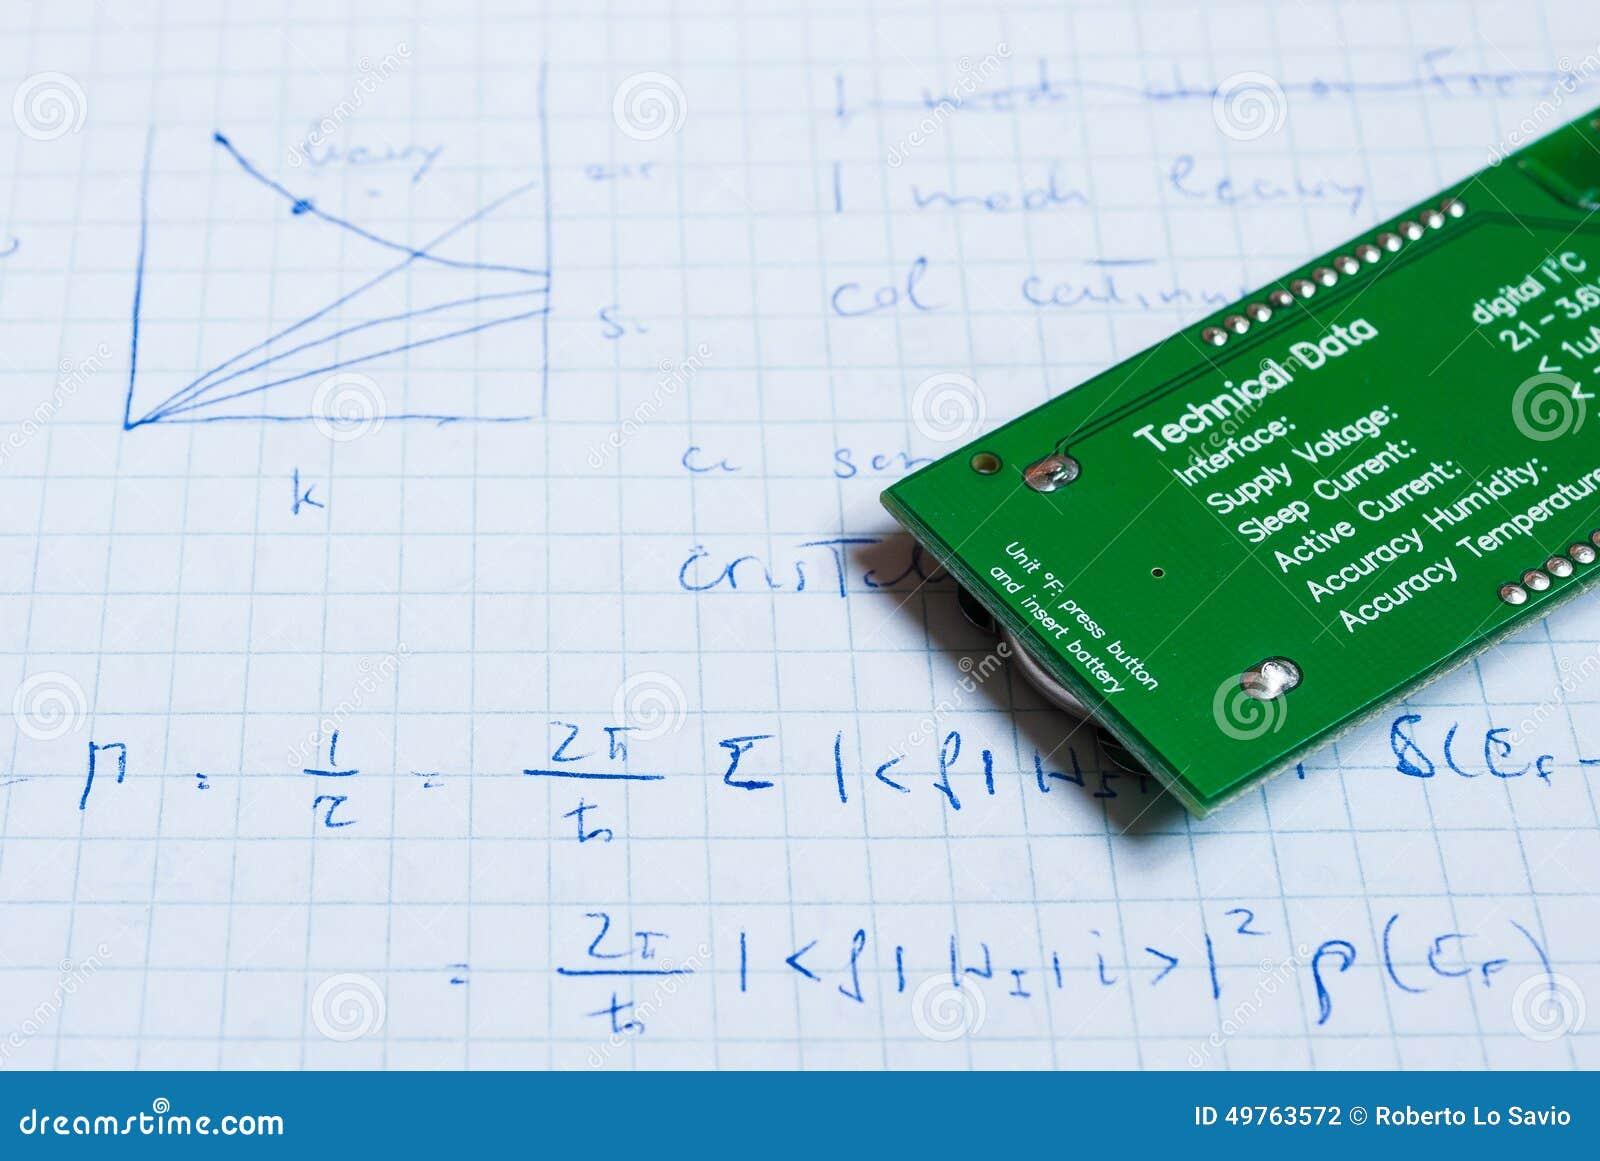 Anmerkungen Für Elektrische Stromkreise Stockfoto - Bild von ...